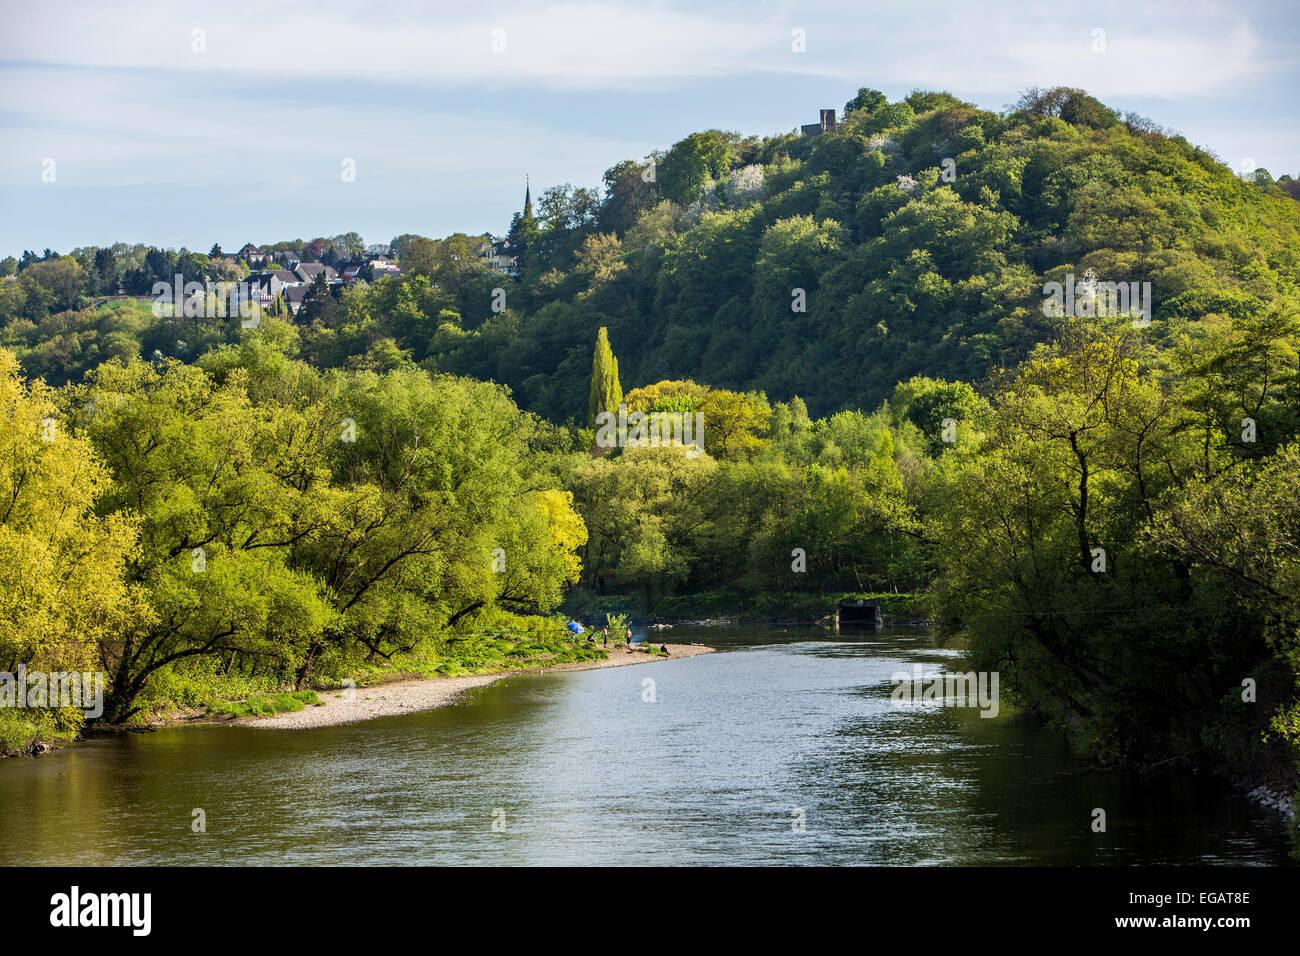 River Ruhr, valley, near Hattingen Blankenstein - Stock Image